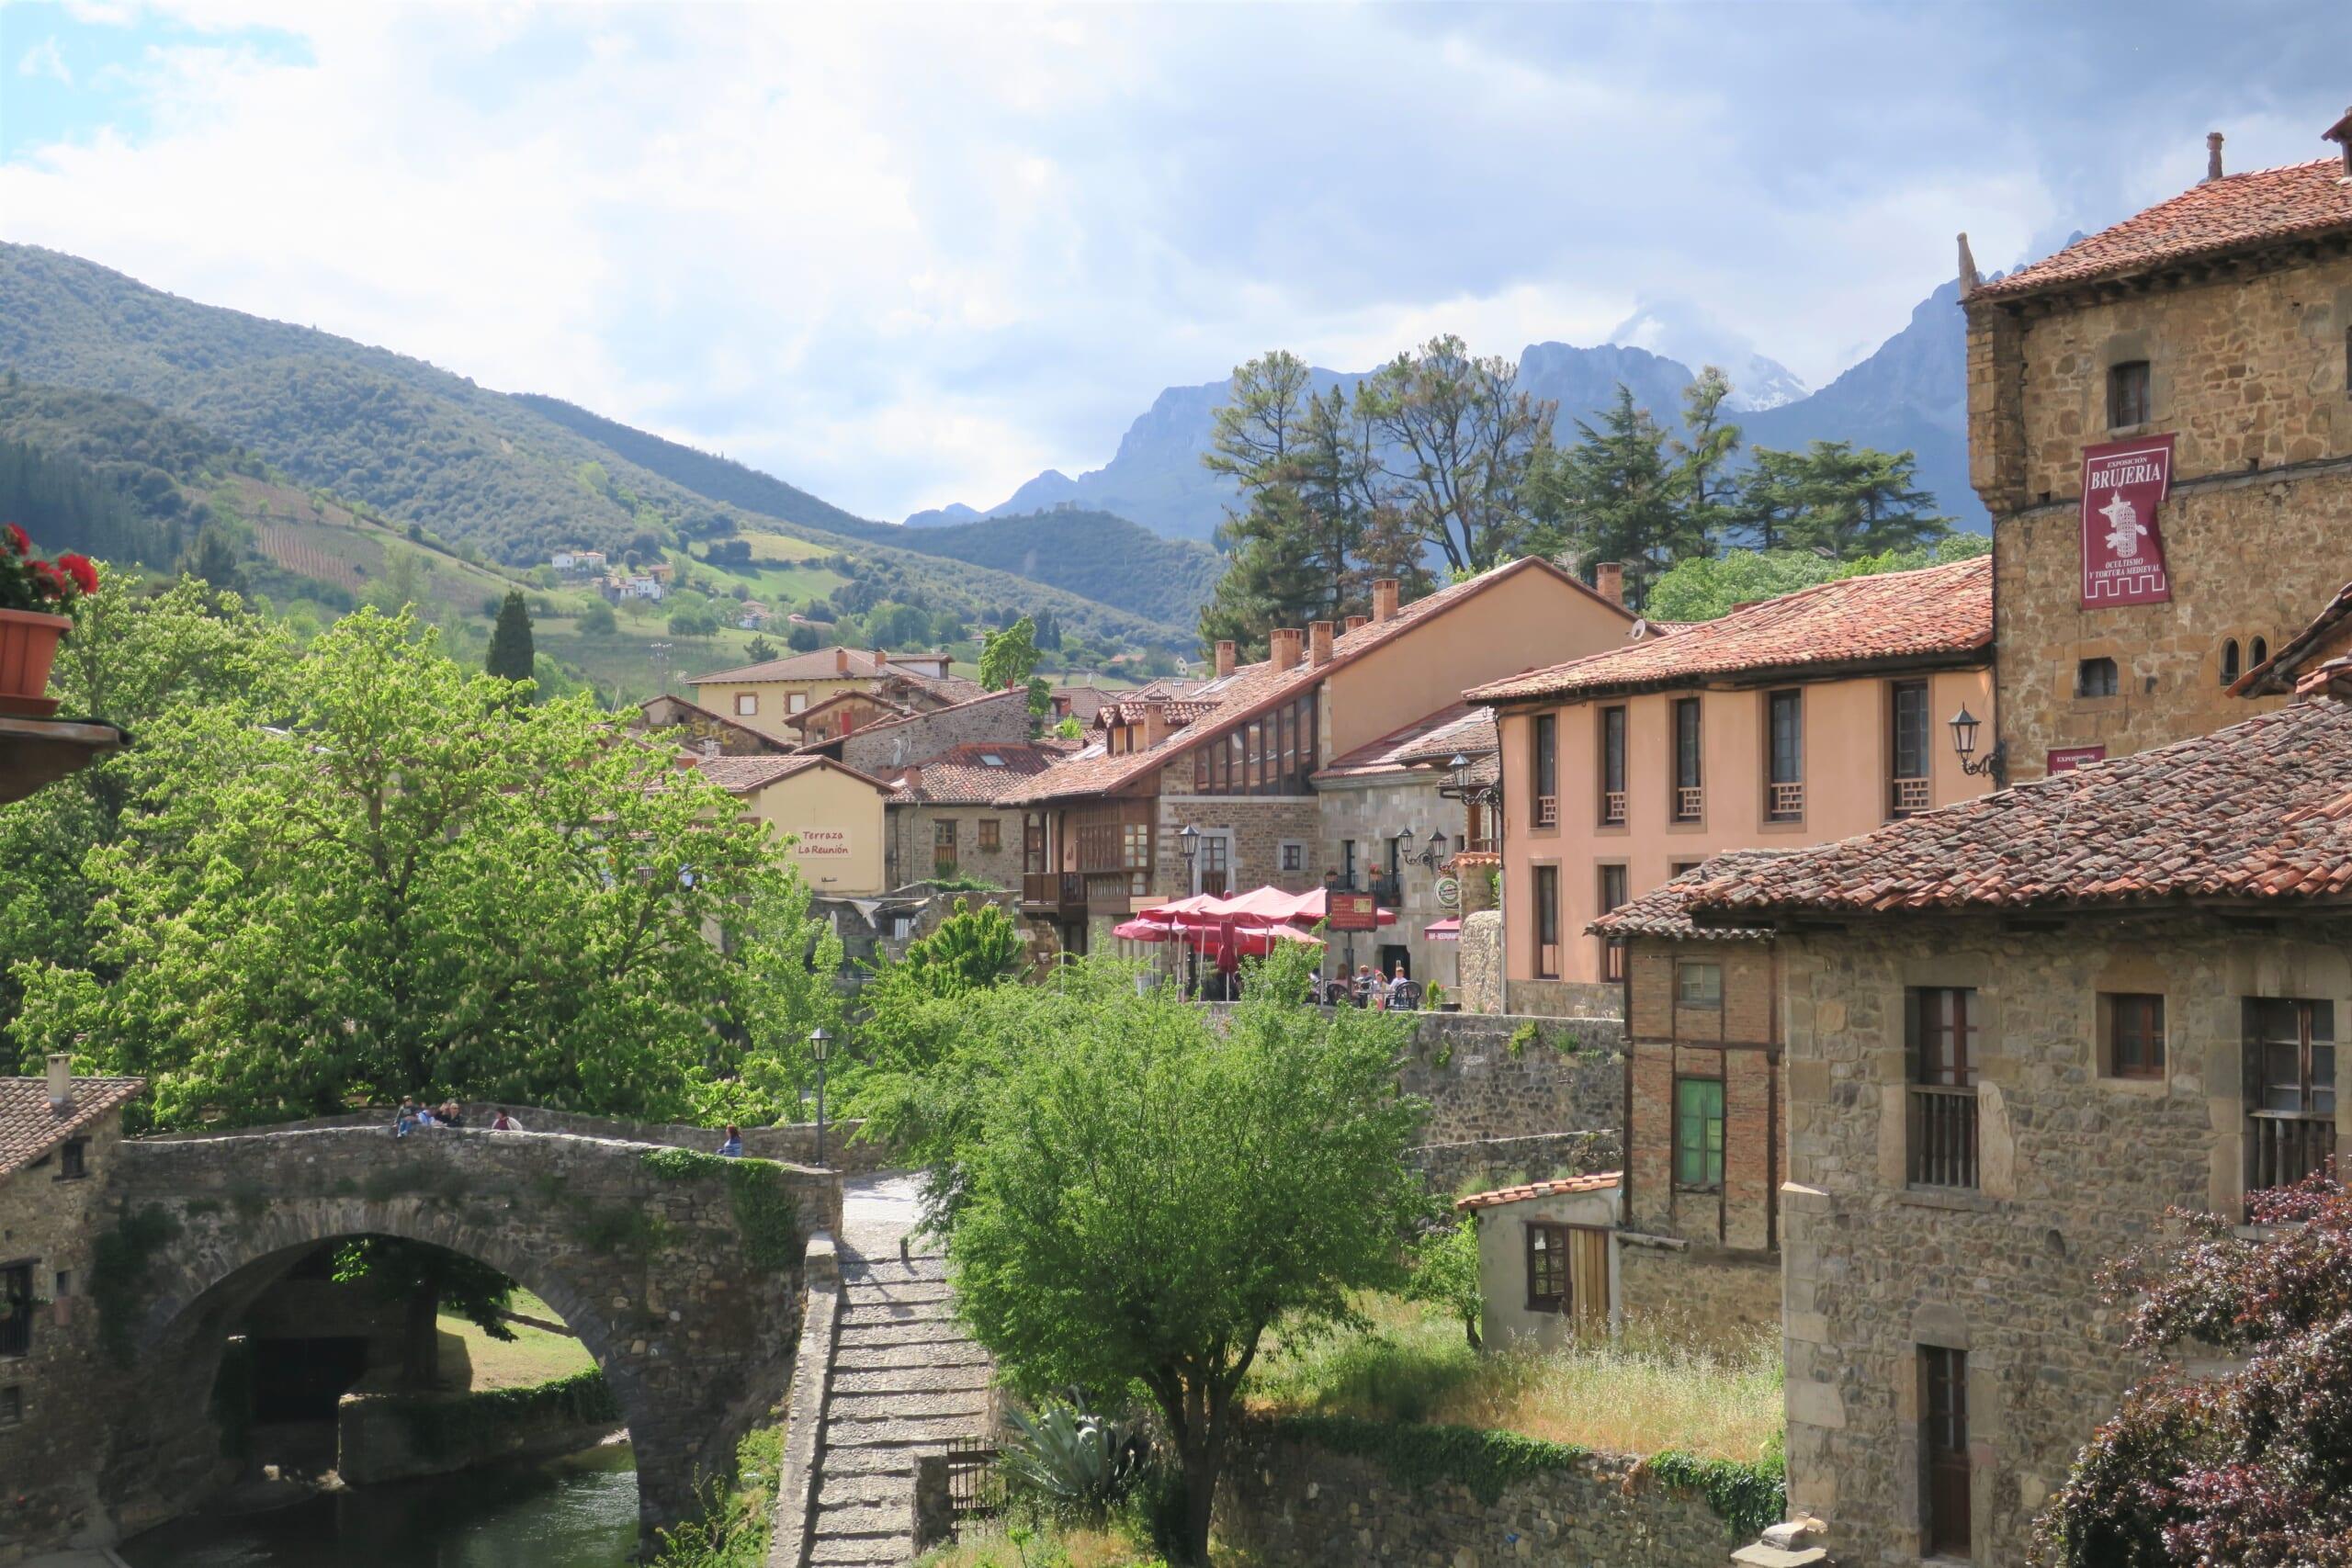 北スペインの自然を代表するピコス・デ・エウロパ国立公園